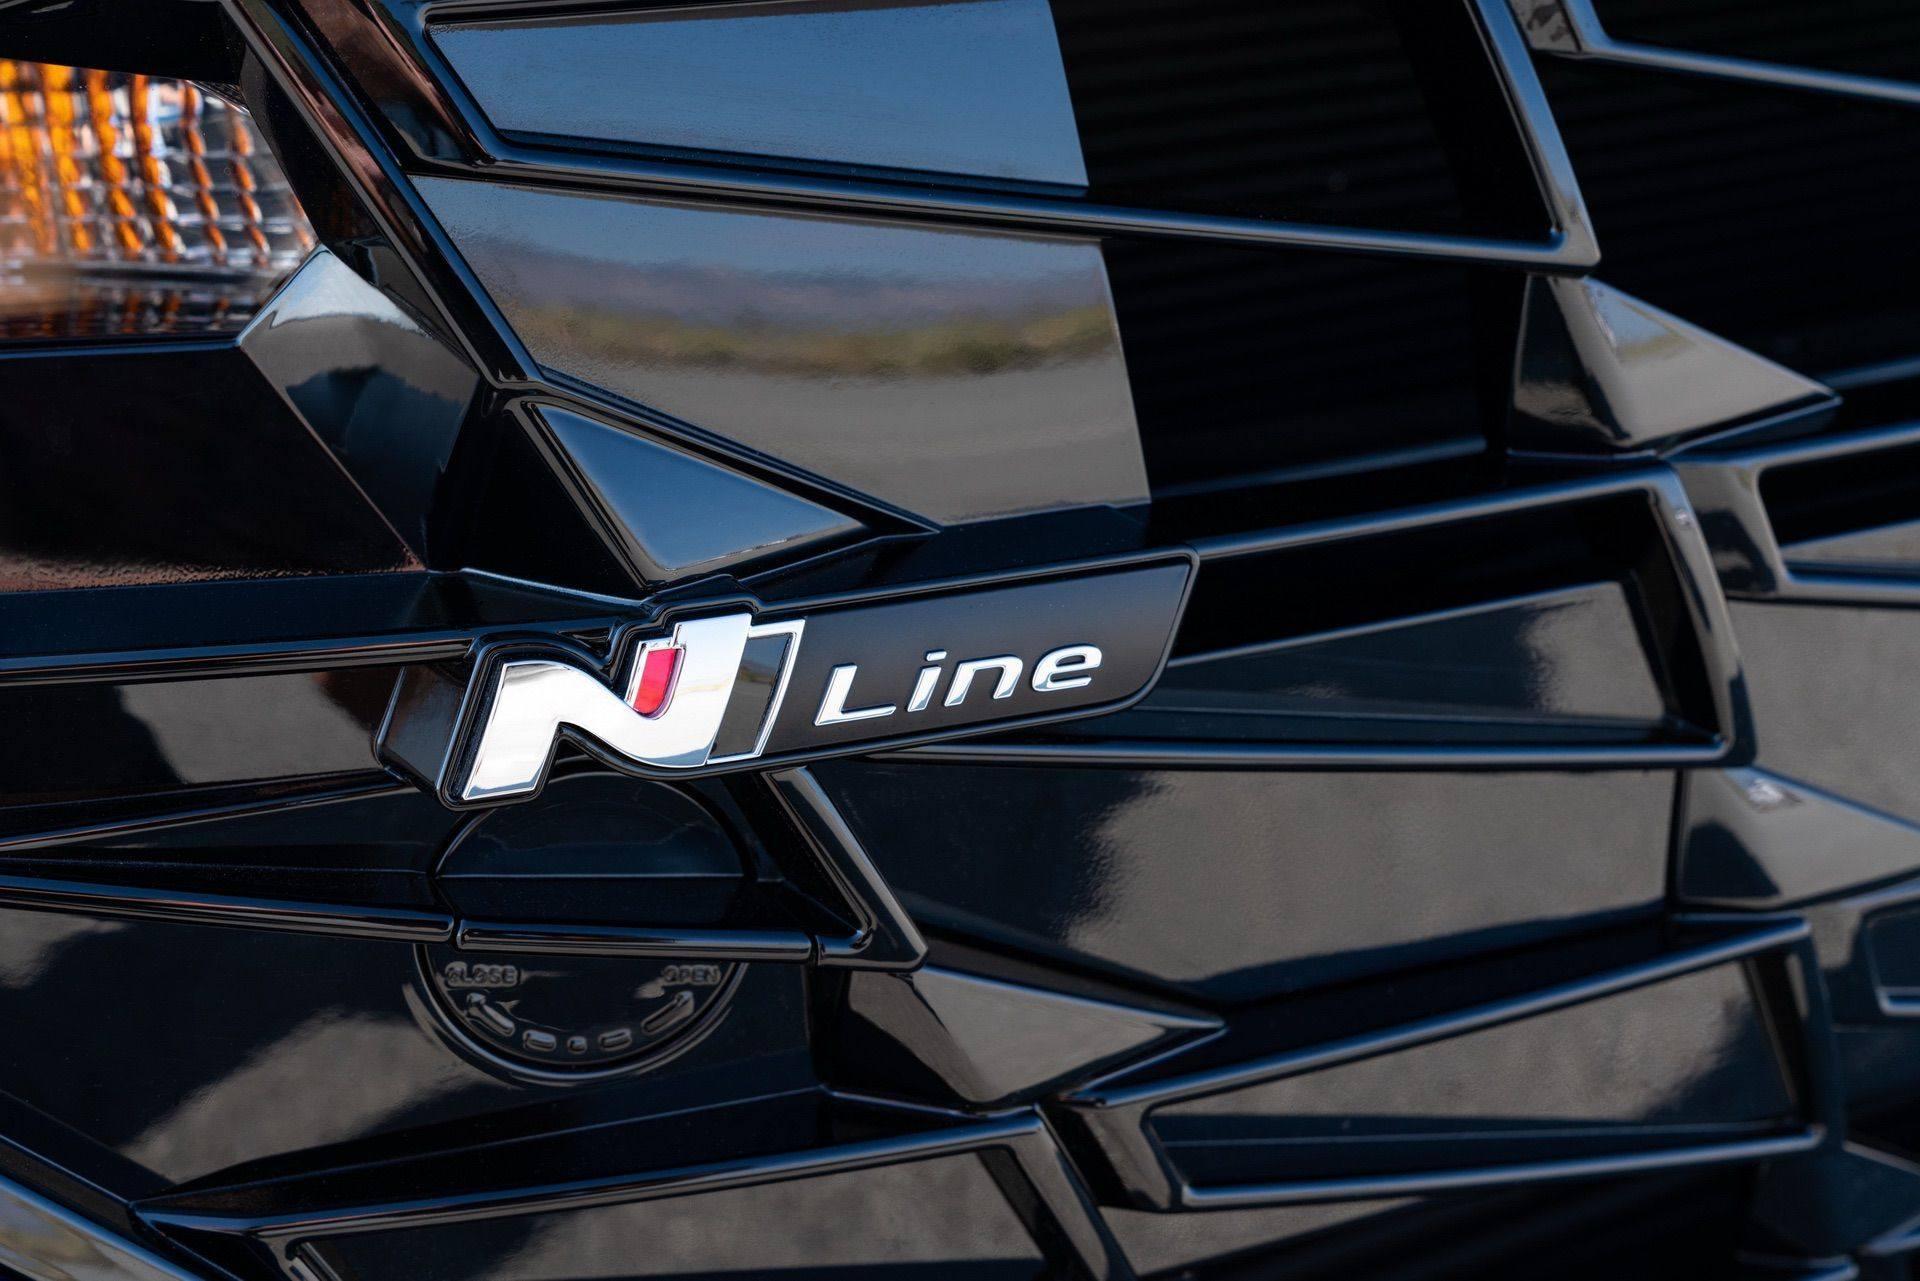 Hyundai-Elantra-N-Line-i30-Sedan-60